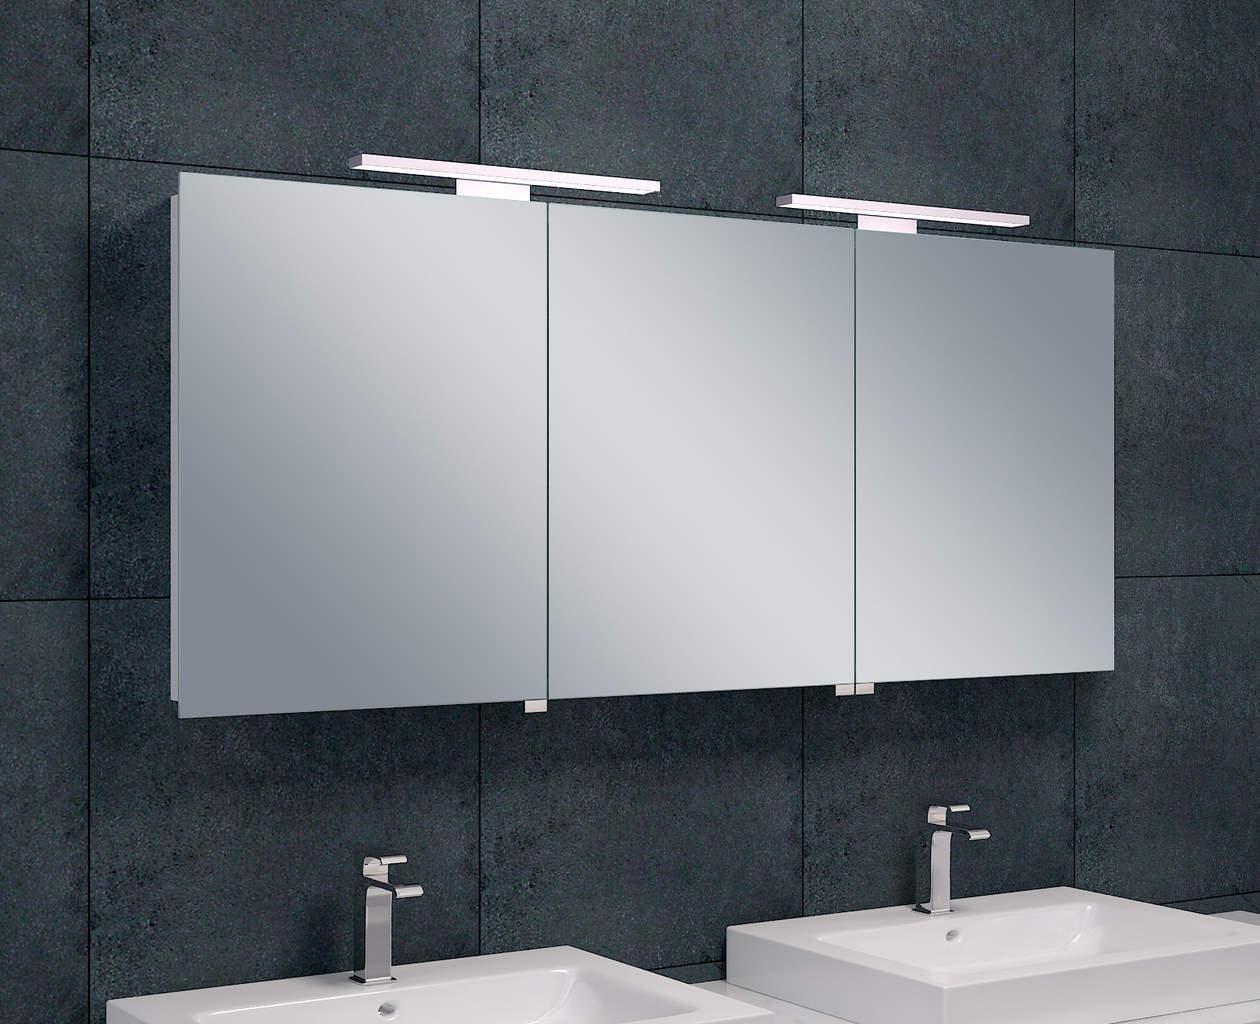 Luxe spiegelkast led verlichting 140x60x14cm megadump for Led verlichting spiegelkast badkamer